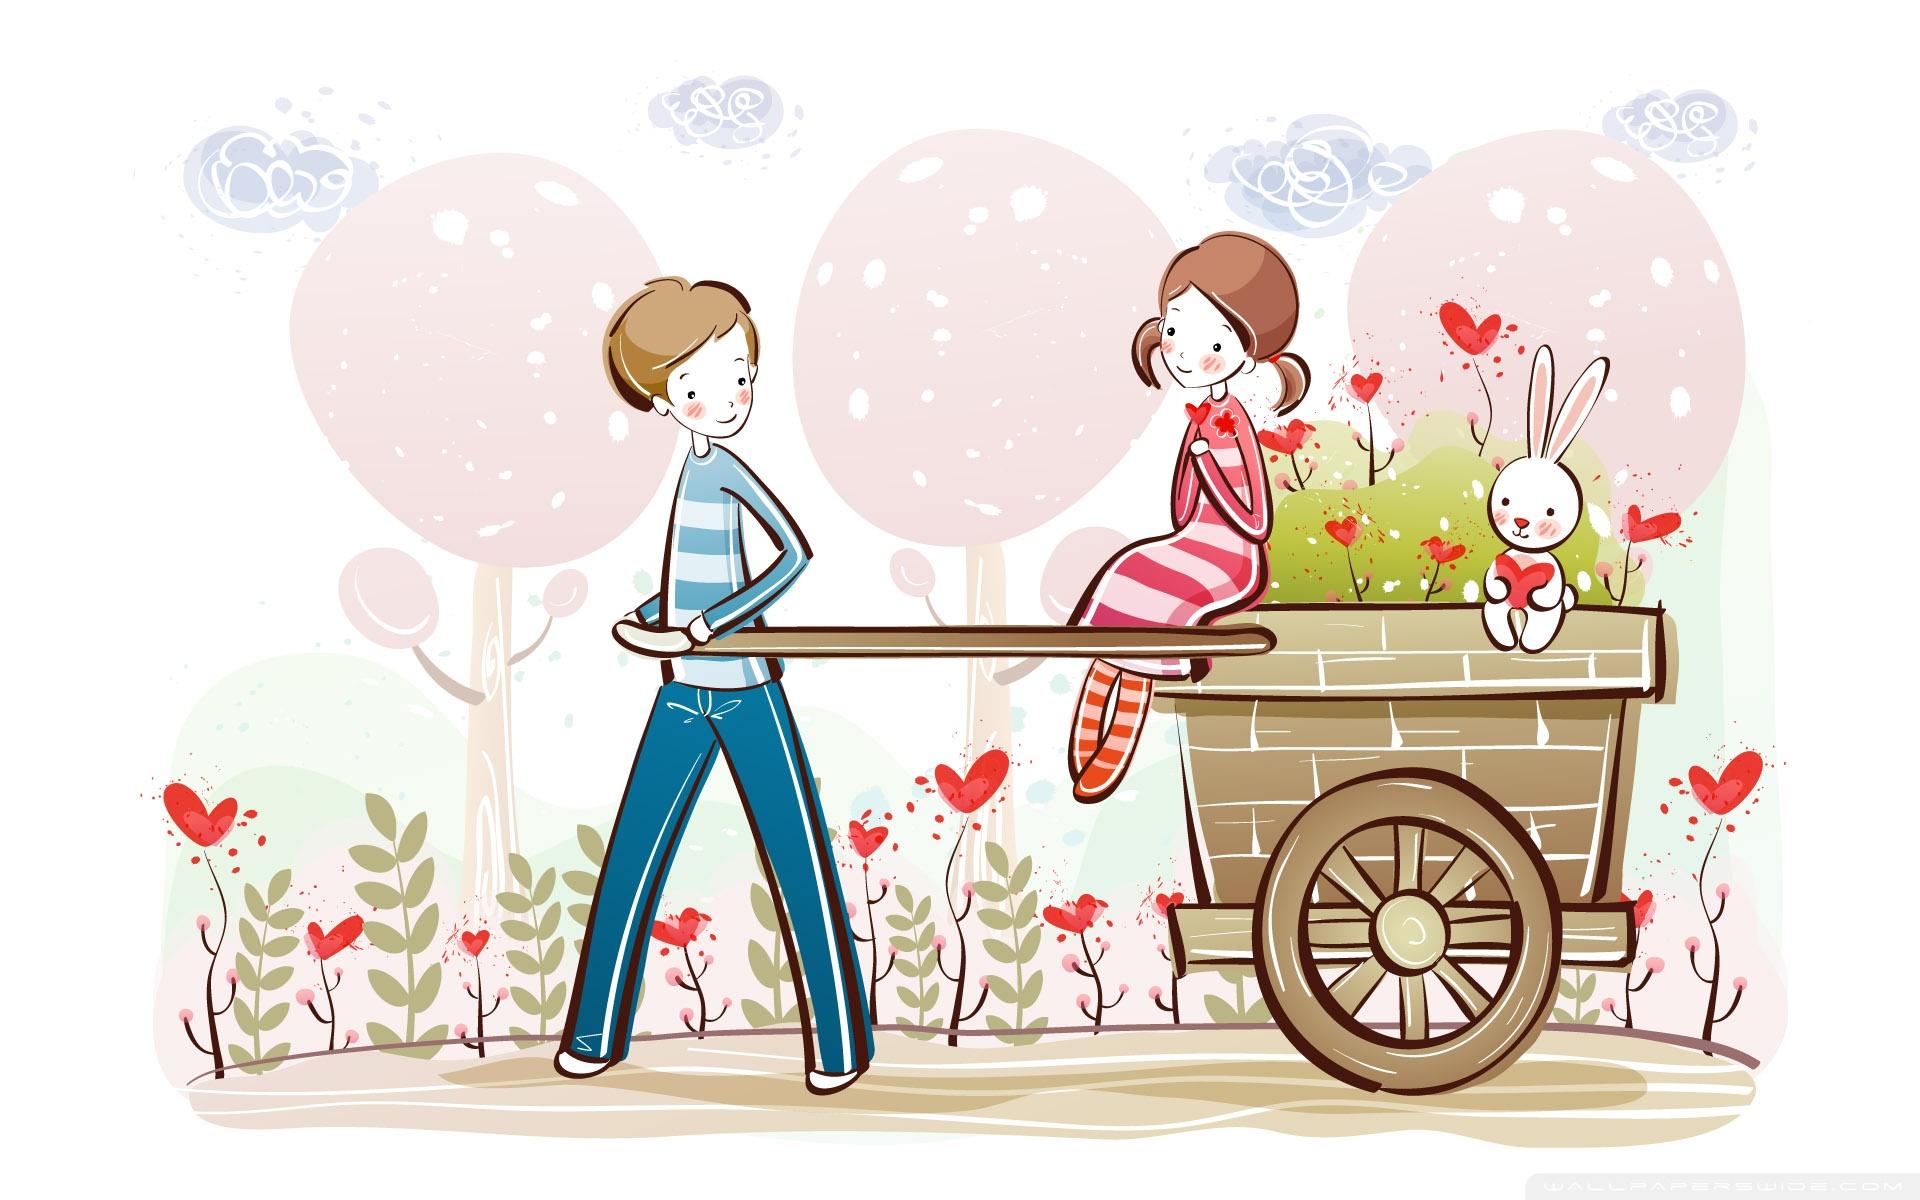 Cute Valentine wallpaper 1920x1200 26367 1920x1200